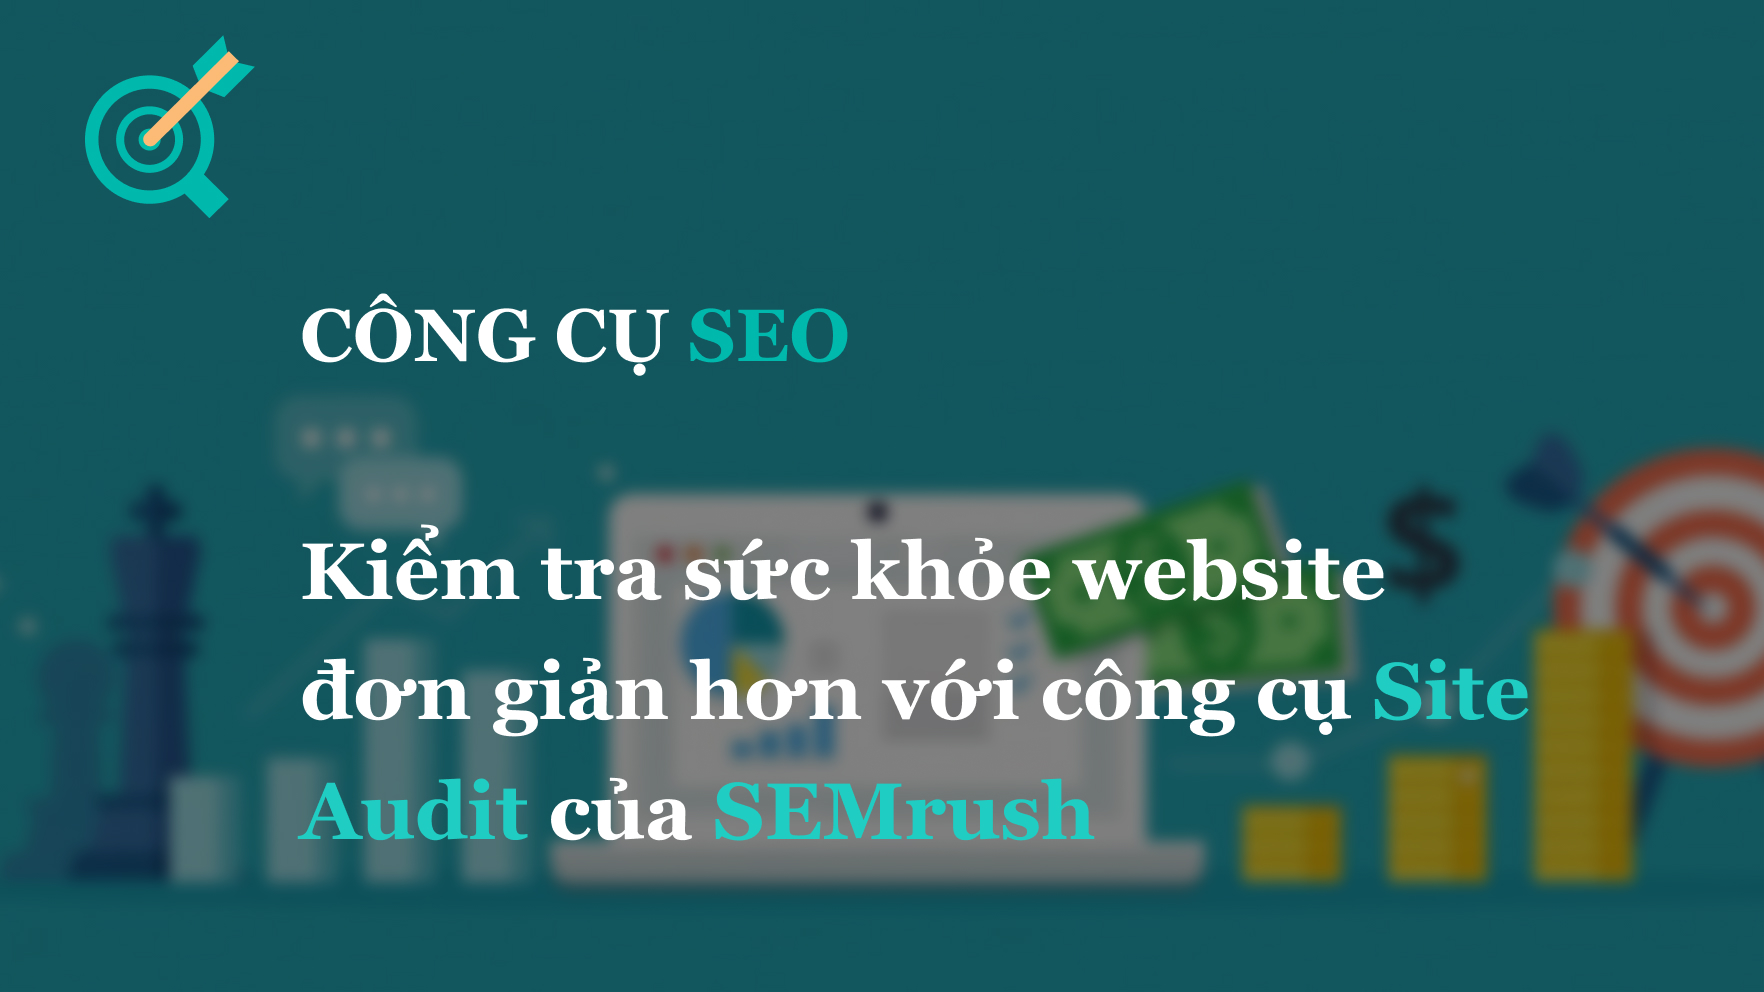 SEO Audit: Kiểm sức khỏe website đơn giản hơn với SEMrush